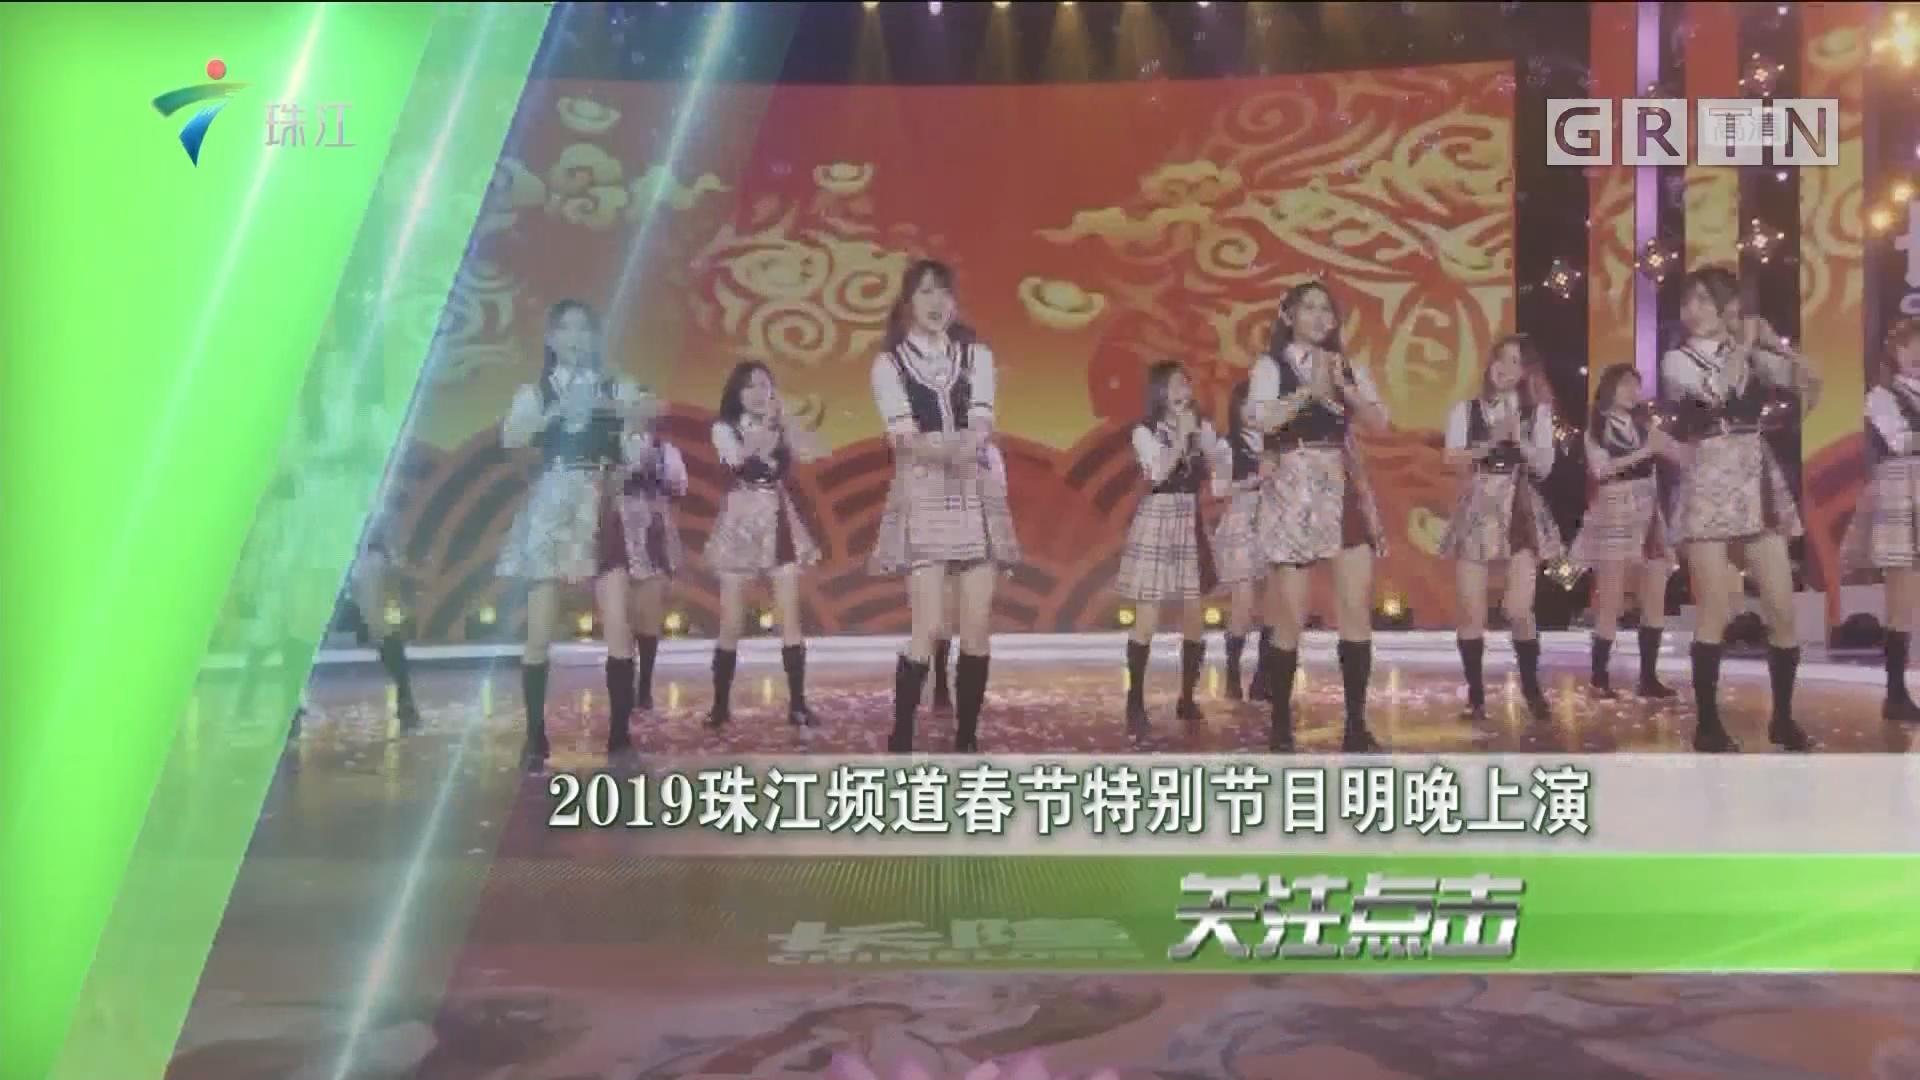 2019珠江频道春节特别节目明晚上演